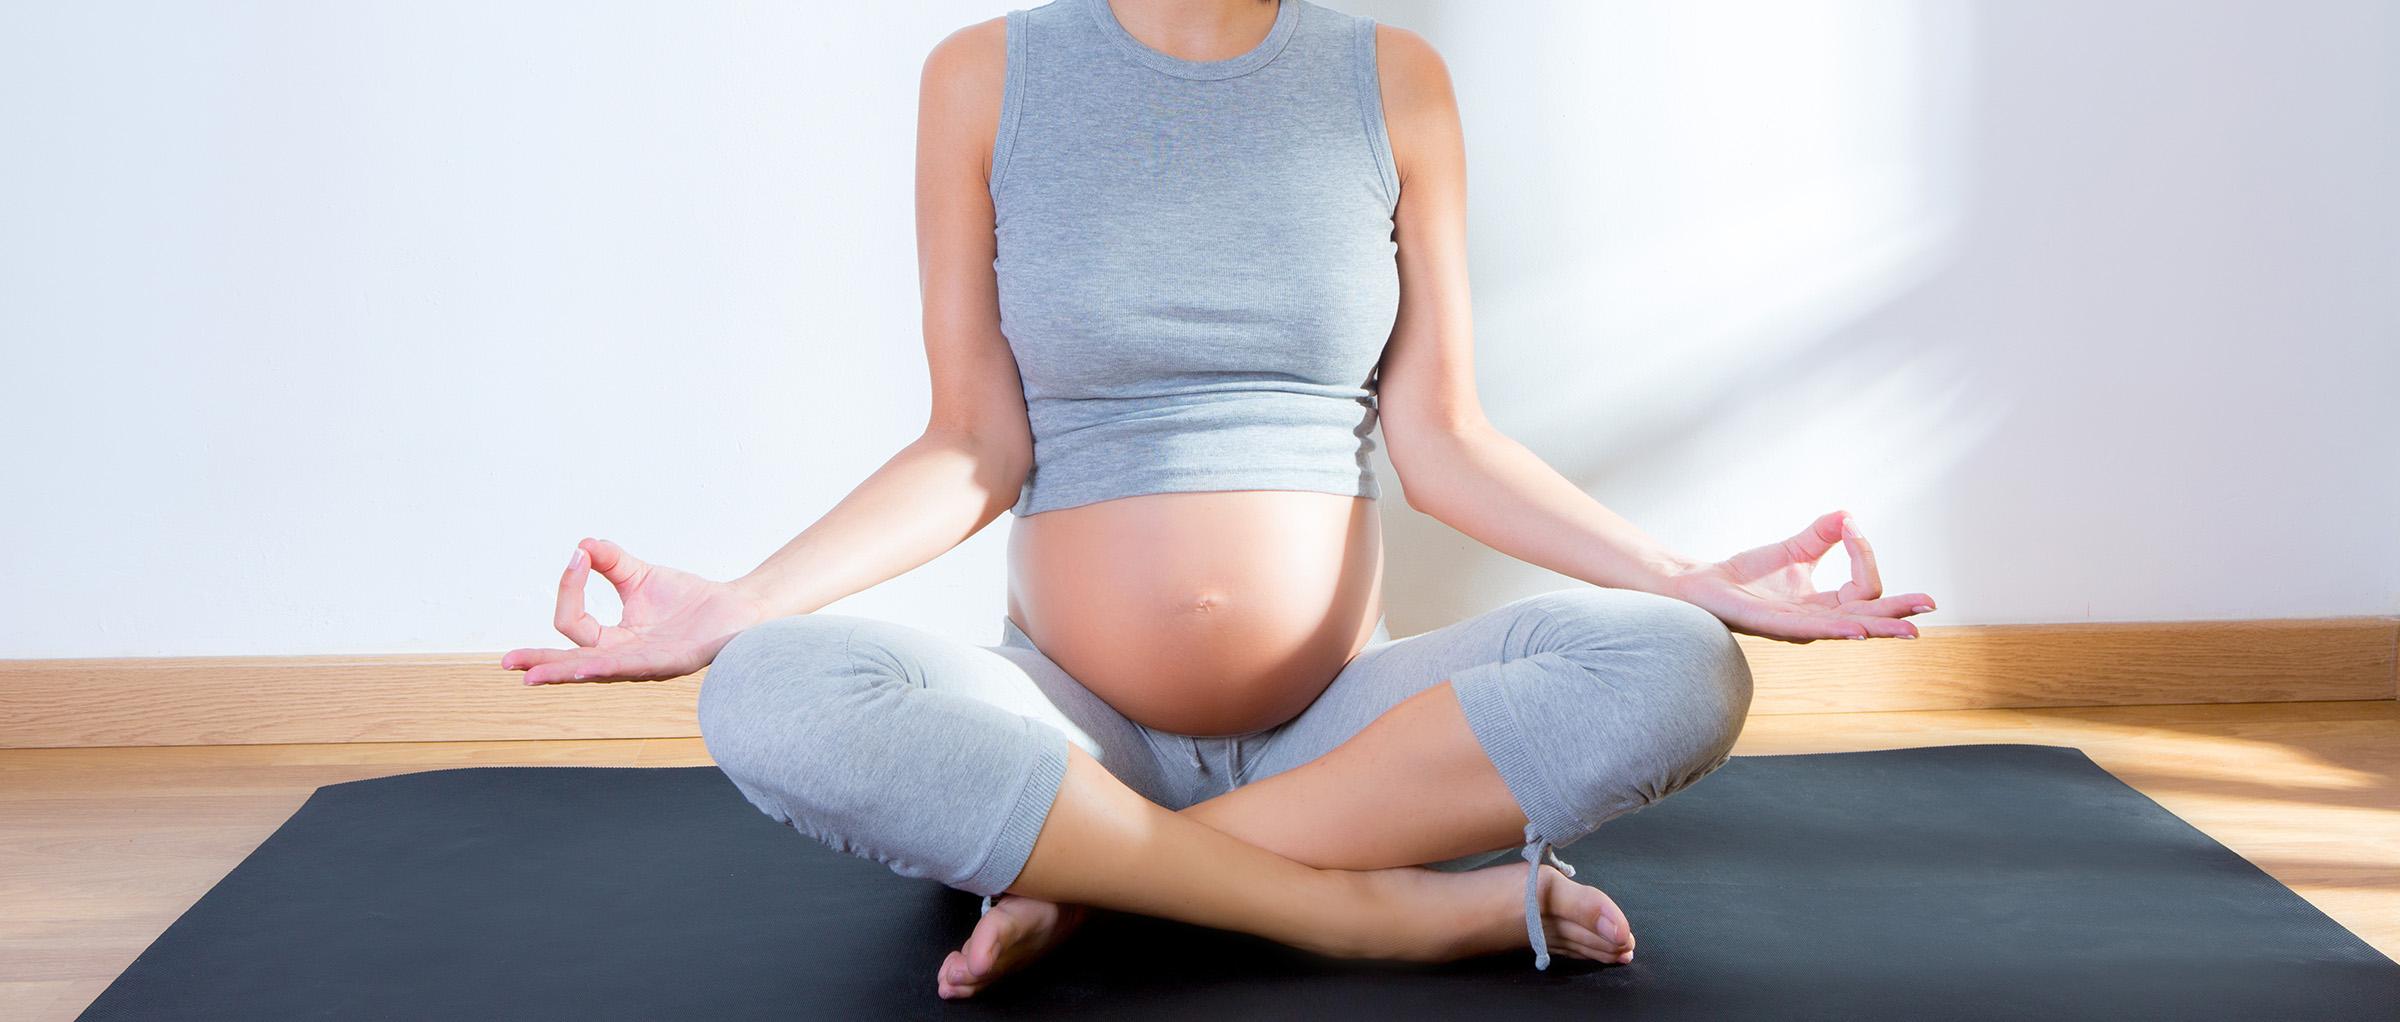 Yoga estando embarazada